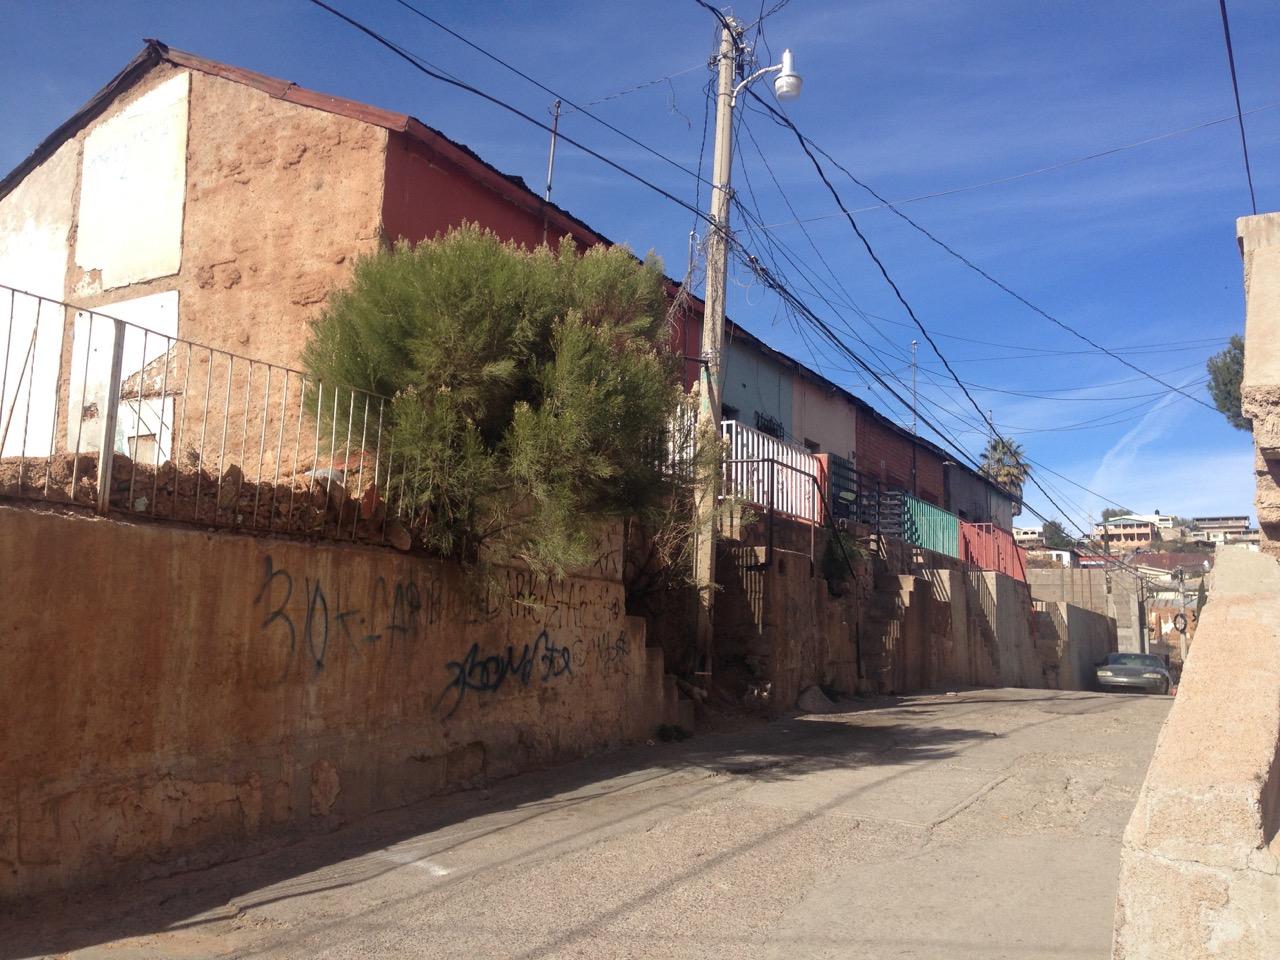 Gloria de la Rosa's neighborhood in Nogales, Mexico